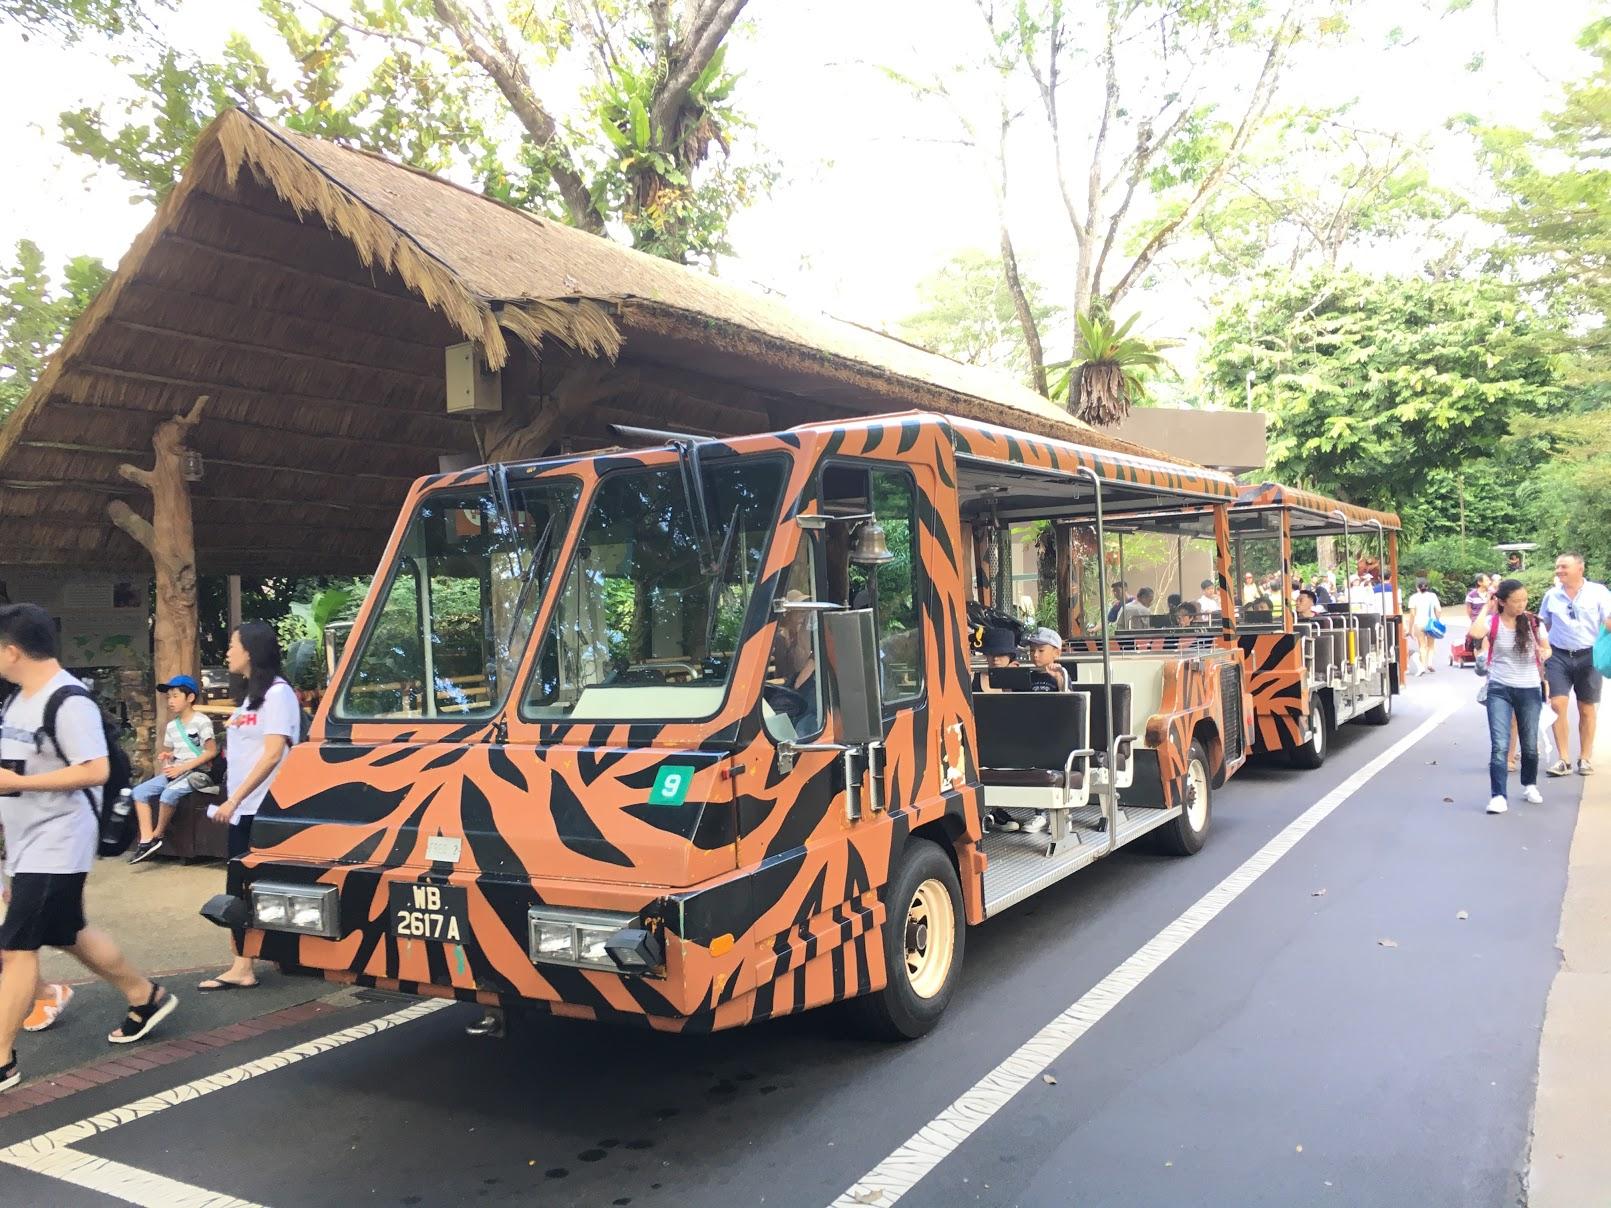 2019年 シンガポール動物園トラムのチケット料金|お得な割引情報も♪